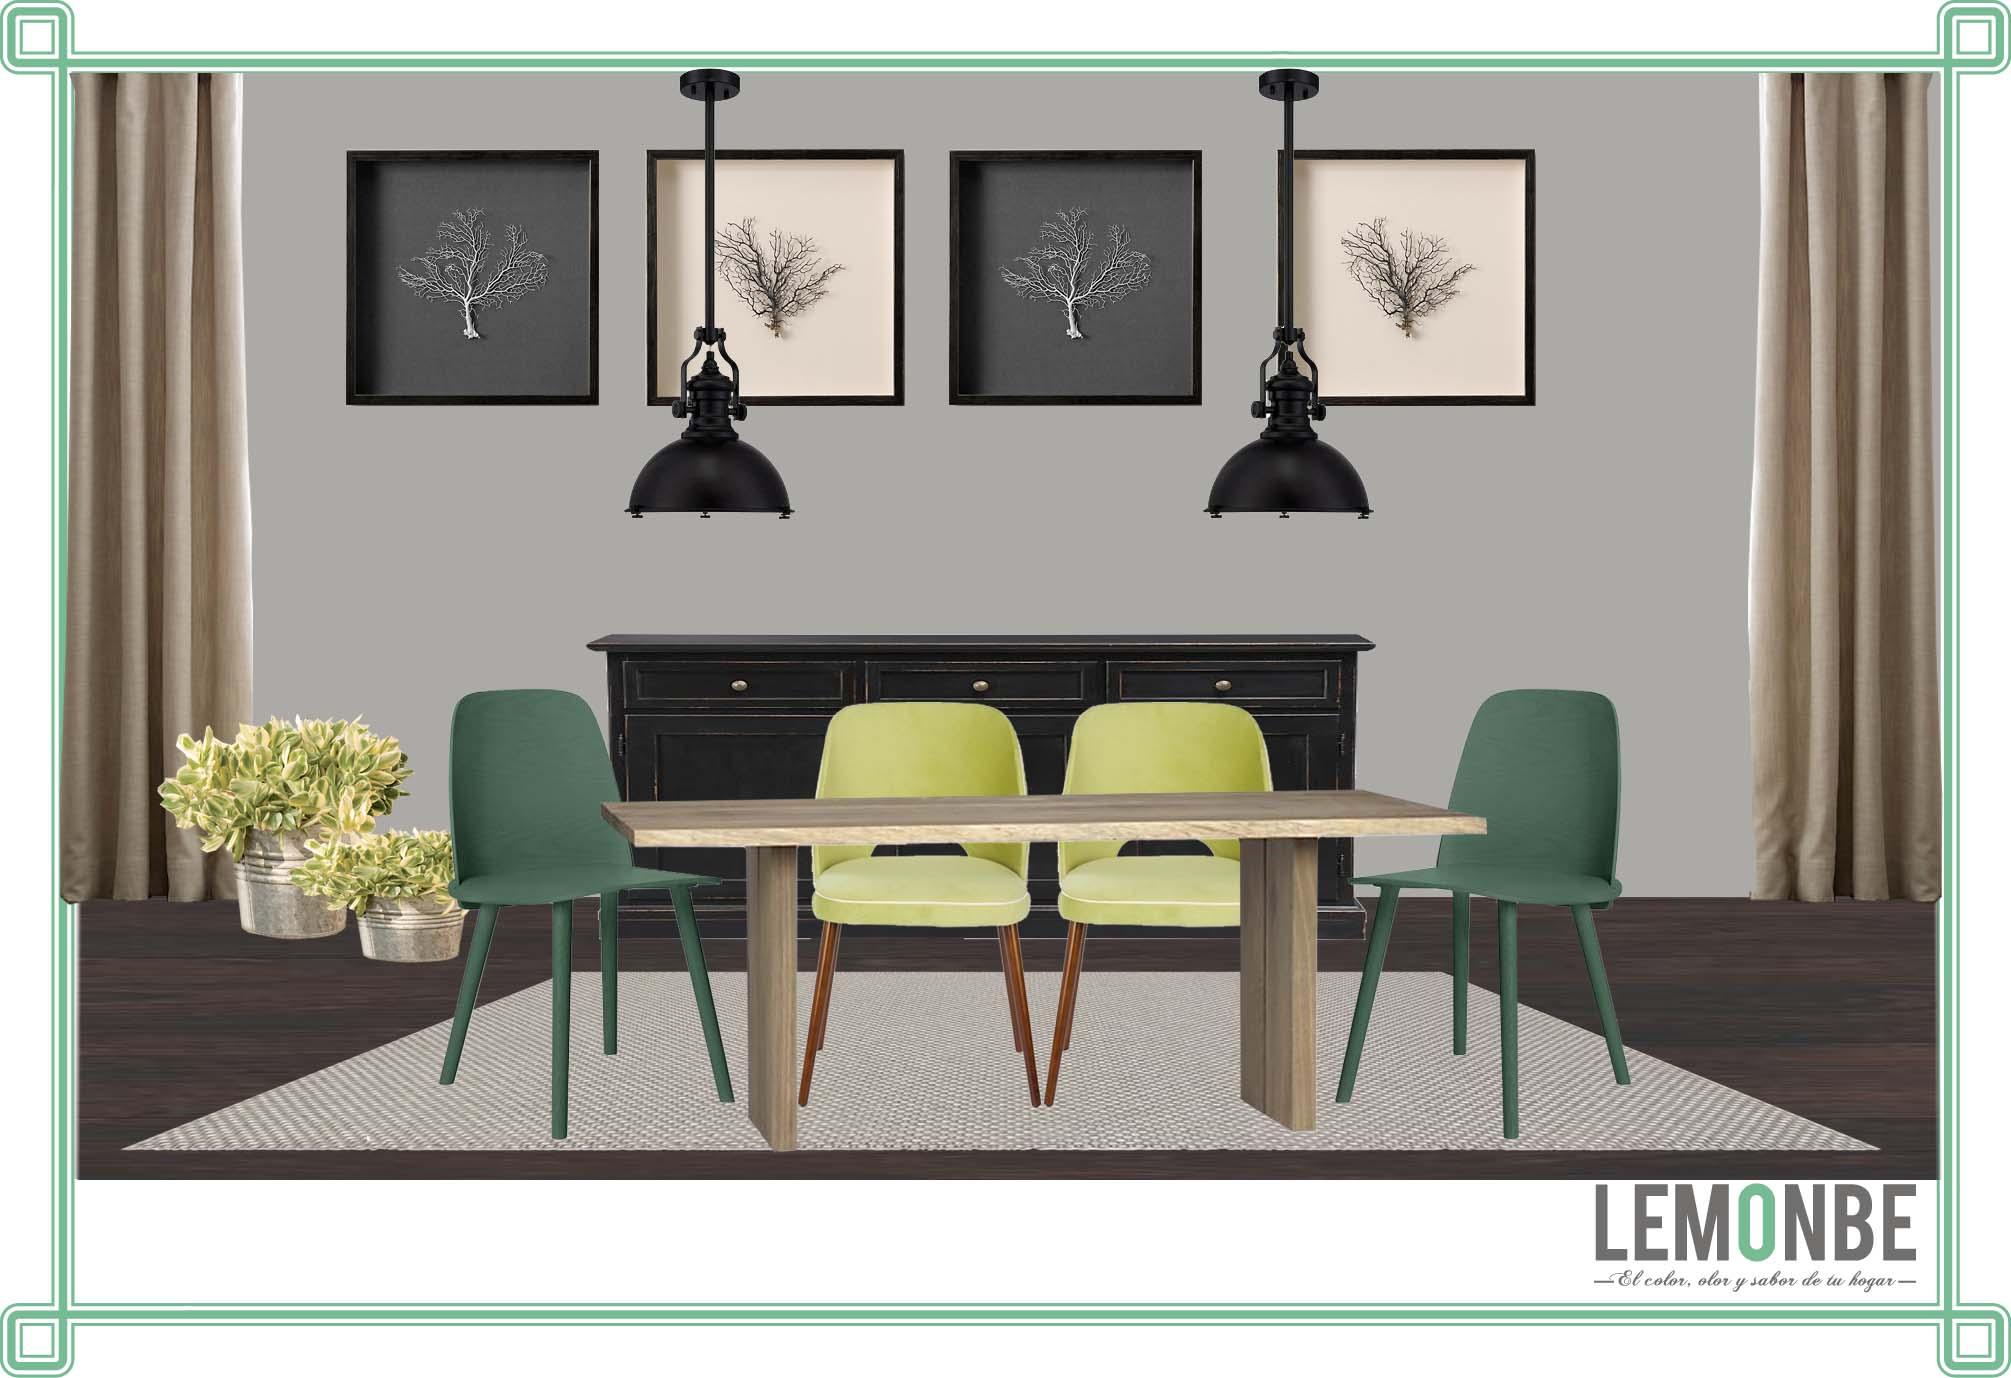 LEMONBE · Un comedor estilo urbano y contemporaneo con un ...